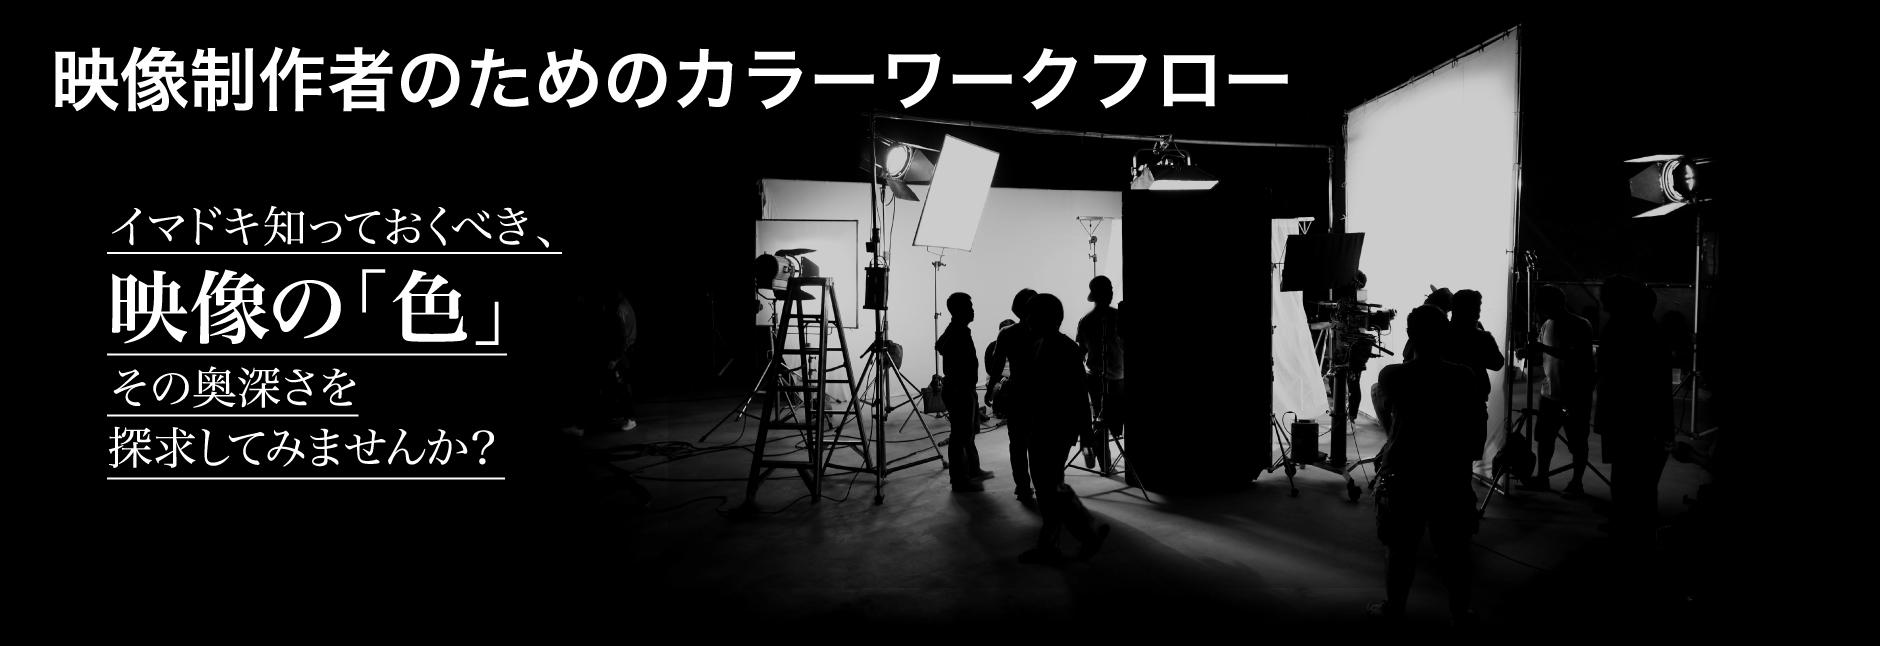 映像制作者向け】カラーワークフロー連載 | EIZO株式会社